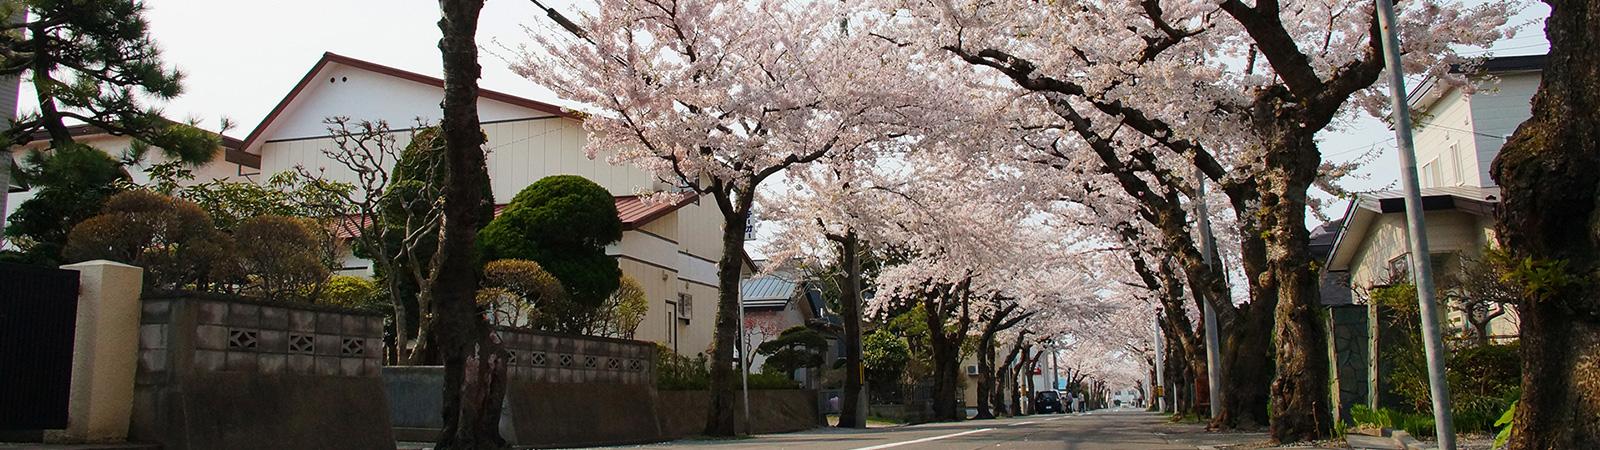 桜ヶ丘通りの桜トンネル